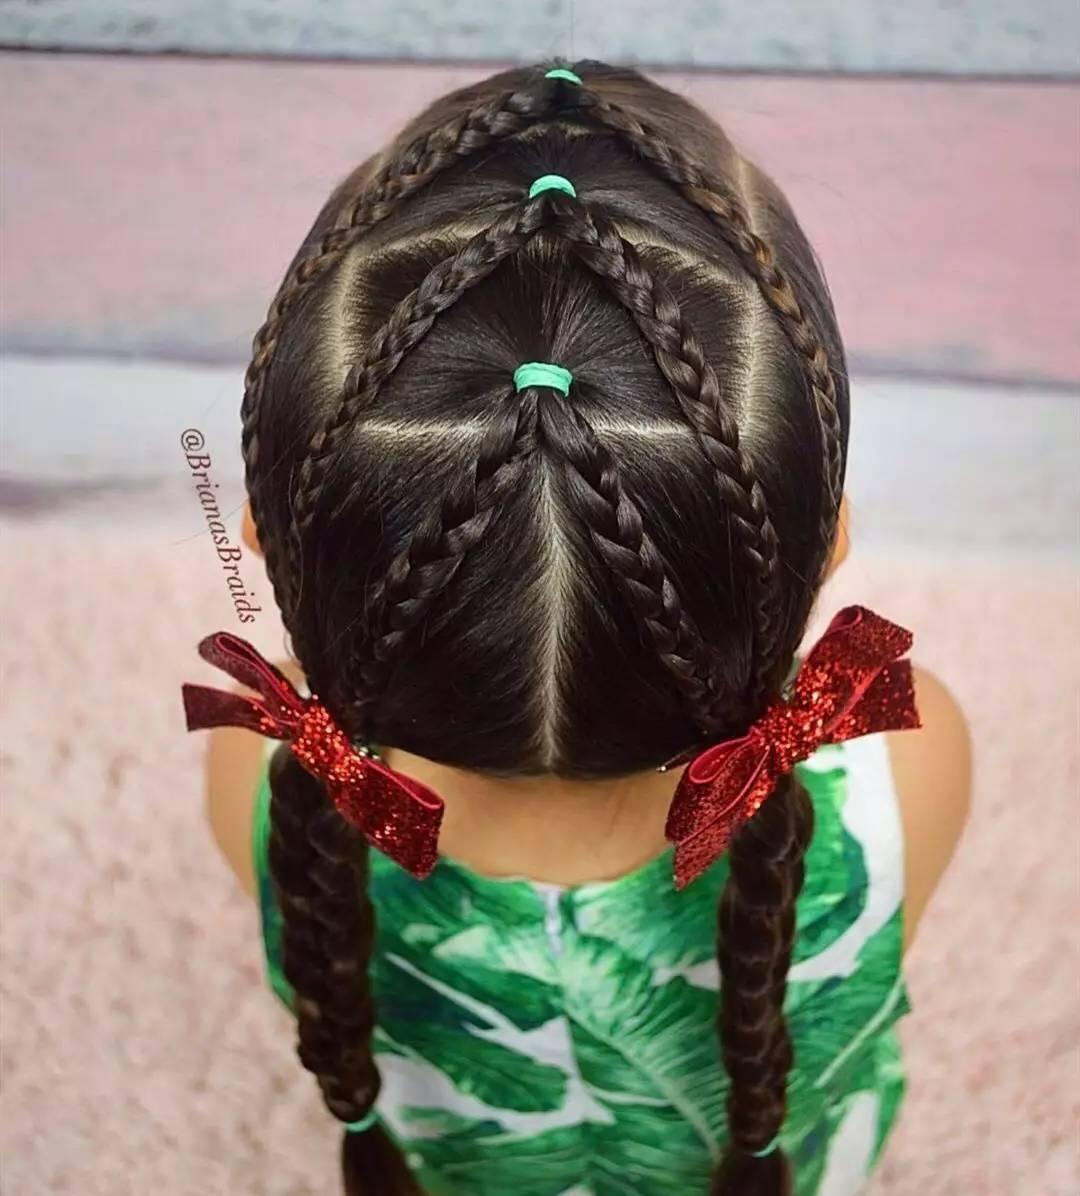 Прически для девочек с резинками: варианты и пошаговые схемы с фото